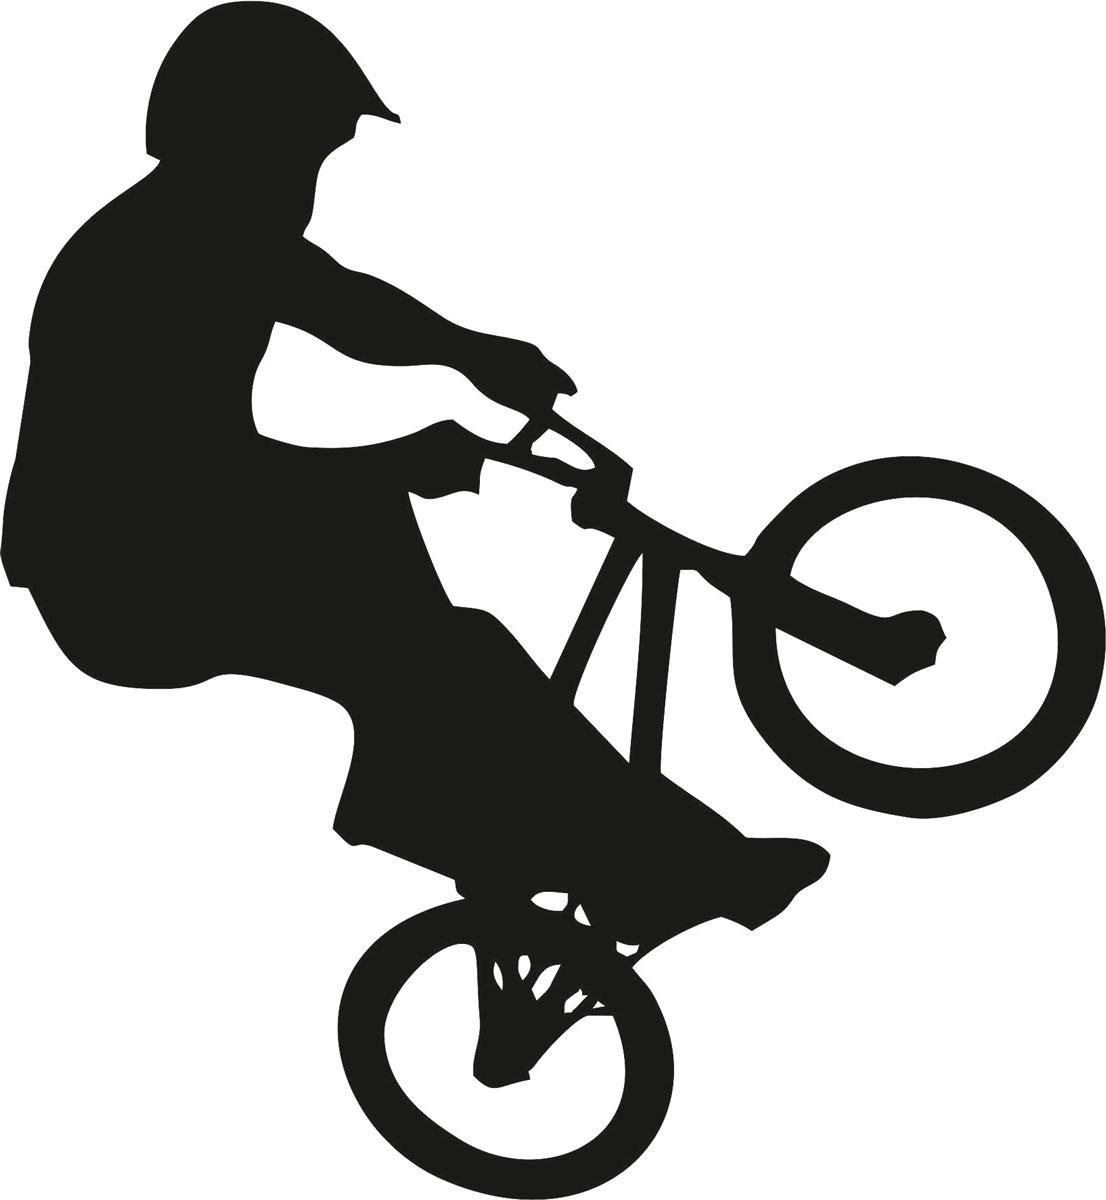 Наклейка автомобильная Оранжевый слоник Велосипед, виниловая, цвет: черныйCA-3505Оригинальная наклейка Оранжевый слоник Велосипед изготовлена из высококачественной виниловой пленки, которая выполняет не только декоративную функцию, но и защищает кузов автомобиля от небольших механических повреждений, либо скрывает уже существующие.Виниловые наклейки на автомобиль - это не только красиво, но еще и быстро! Всего за несколько минут вы можете полностью преобразить свой автомобиль, сделать его ярким, необычным, особенным и неповторимым!